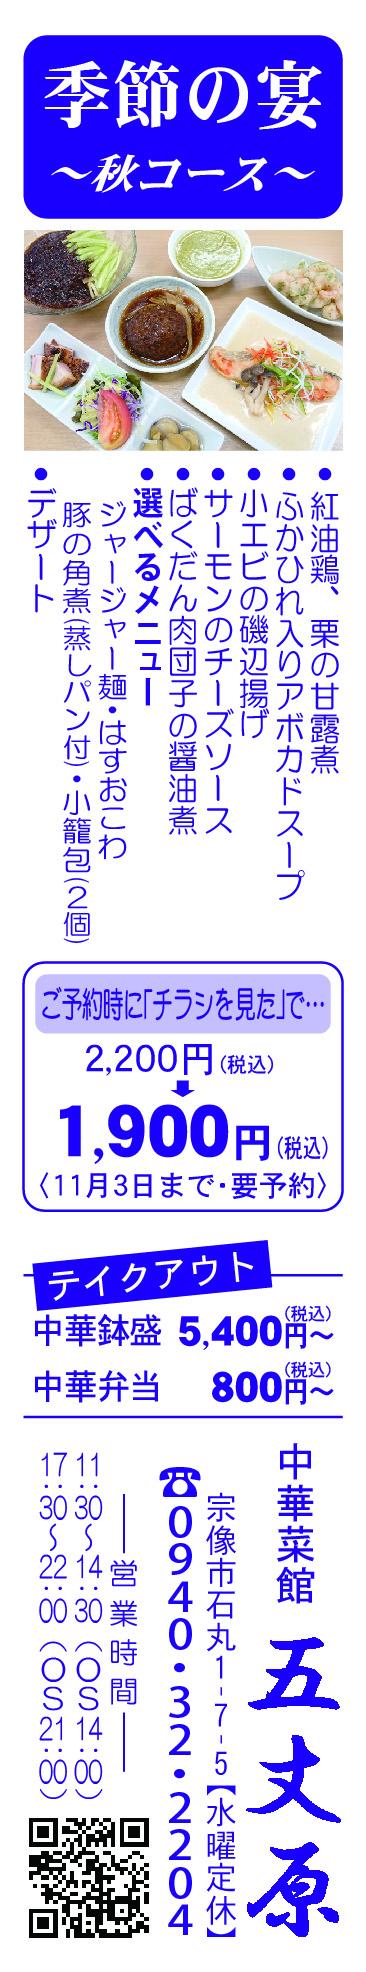 オビ_五丈原10-10